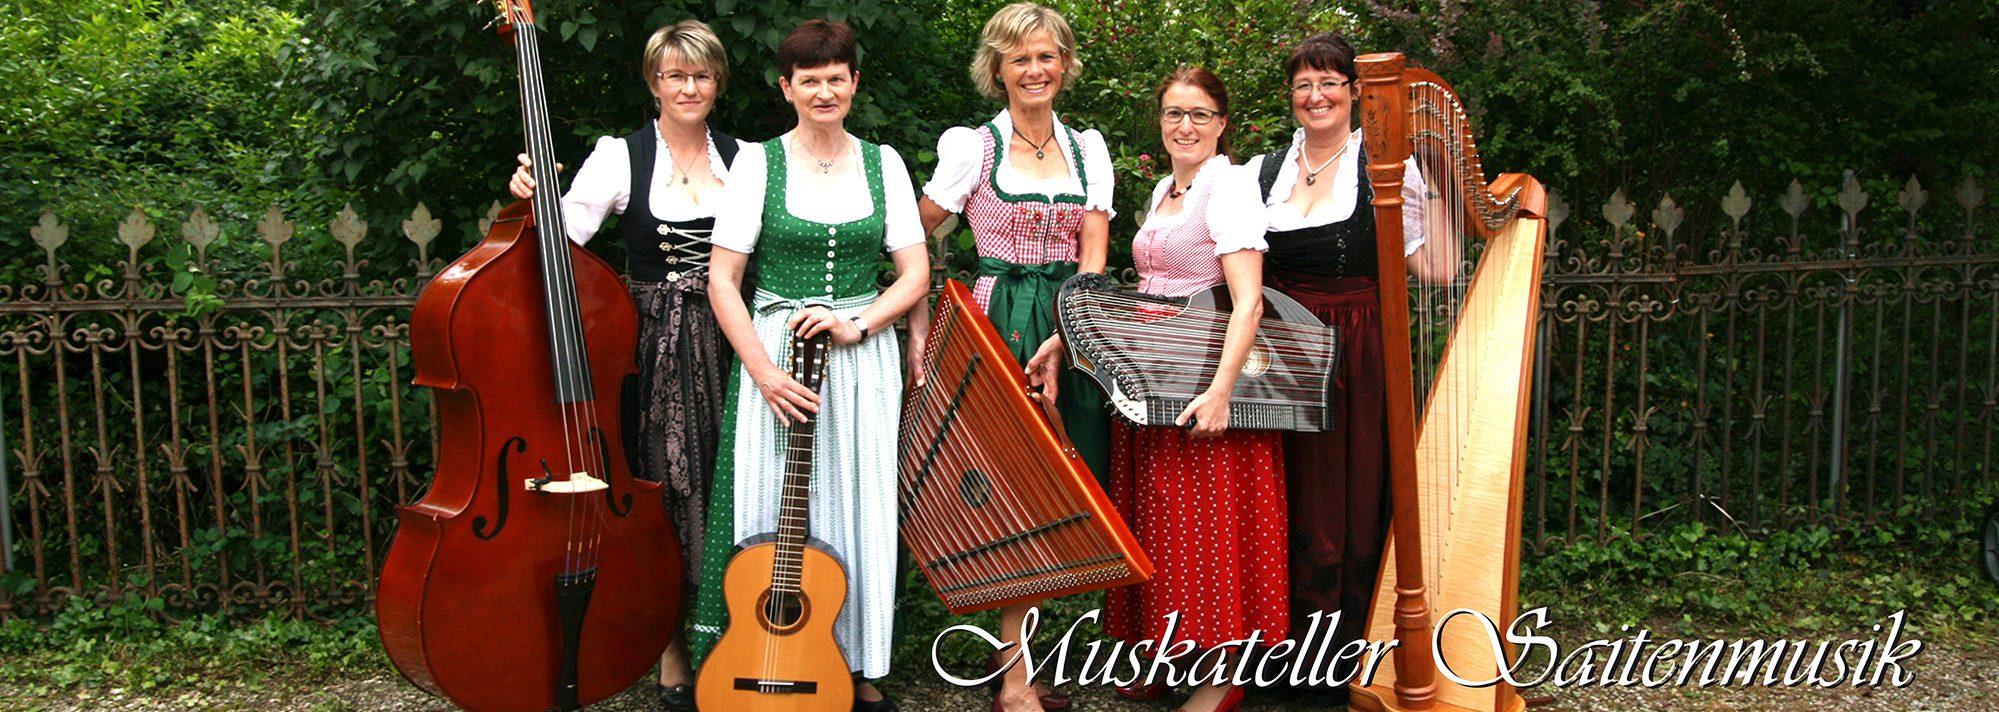 Muskateller Saitenmusik